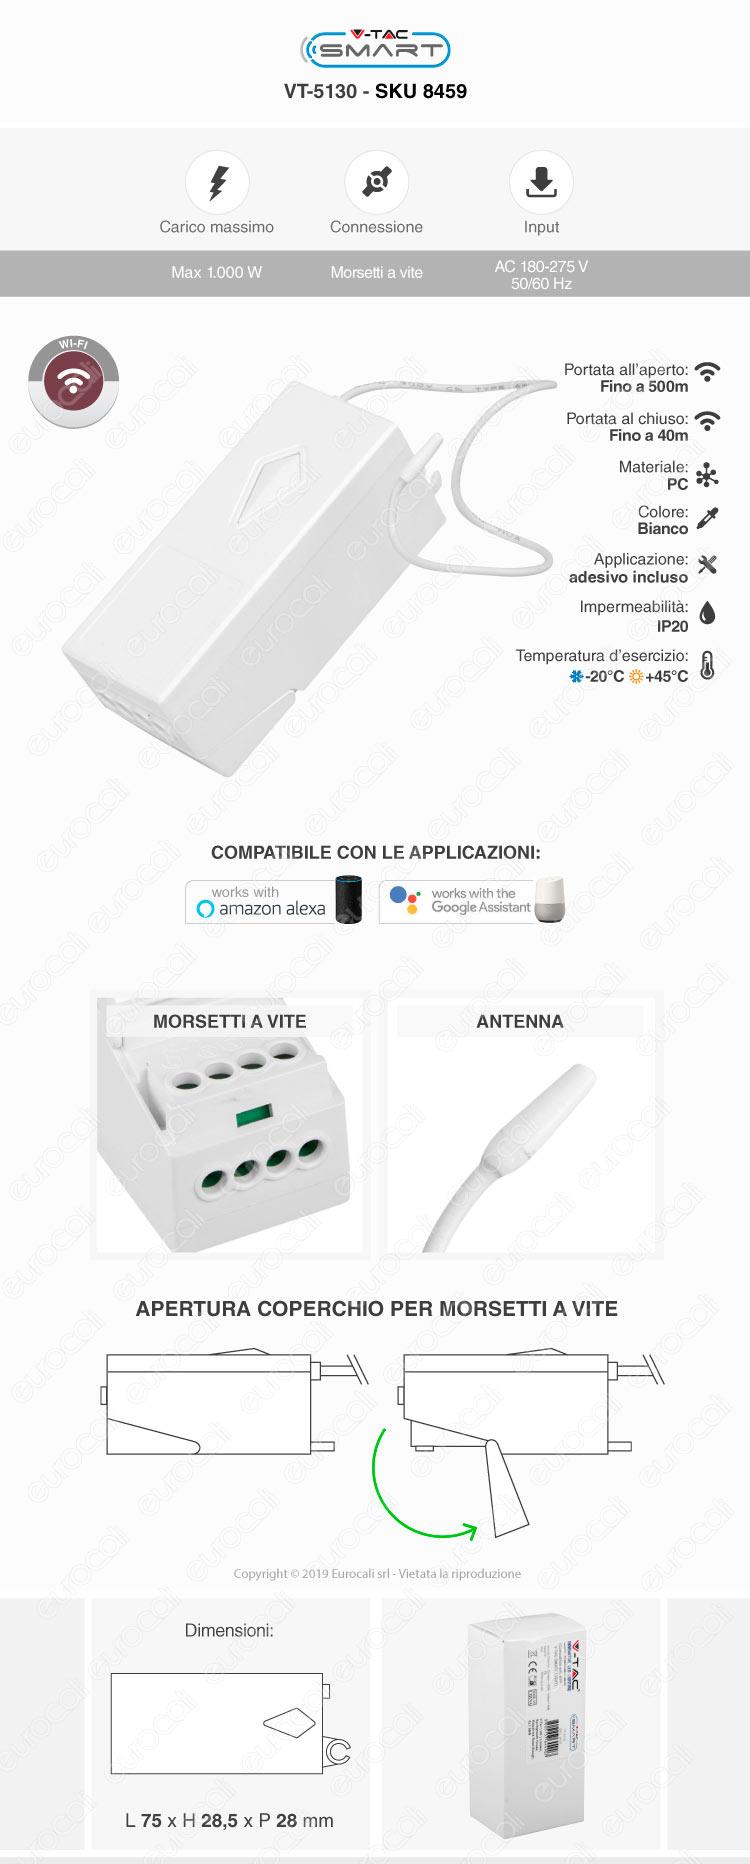 V-Tac VT-5130 Ricevitore Wi-Fi per App V-Tac Smart con Supporto per Amazon Alexa e Google Home